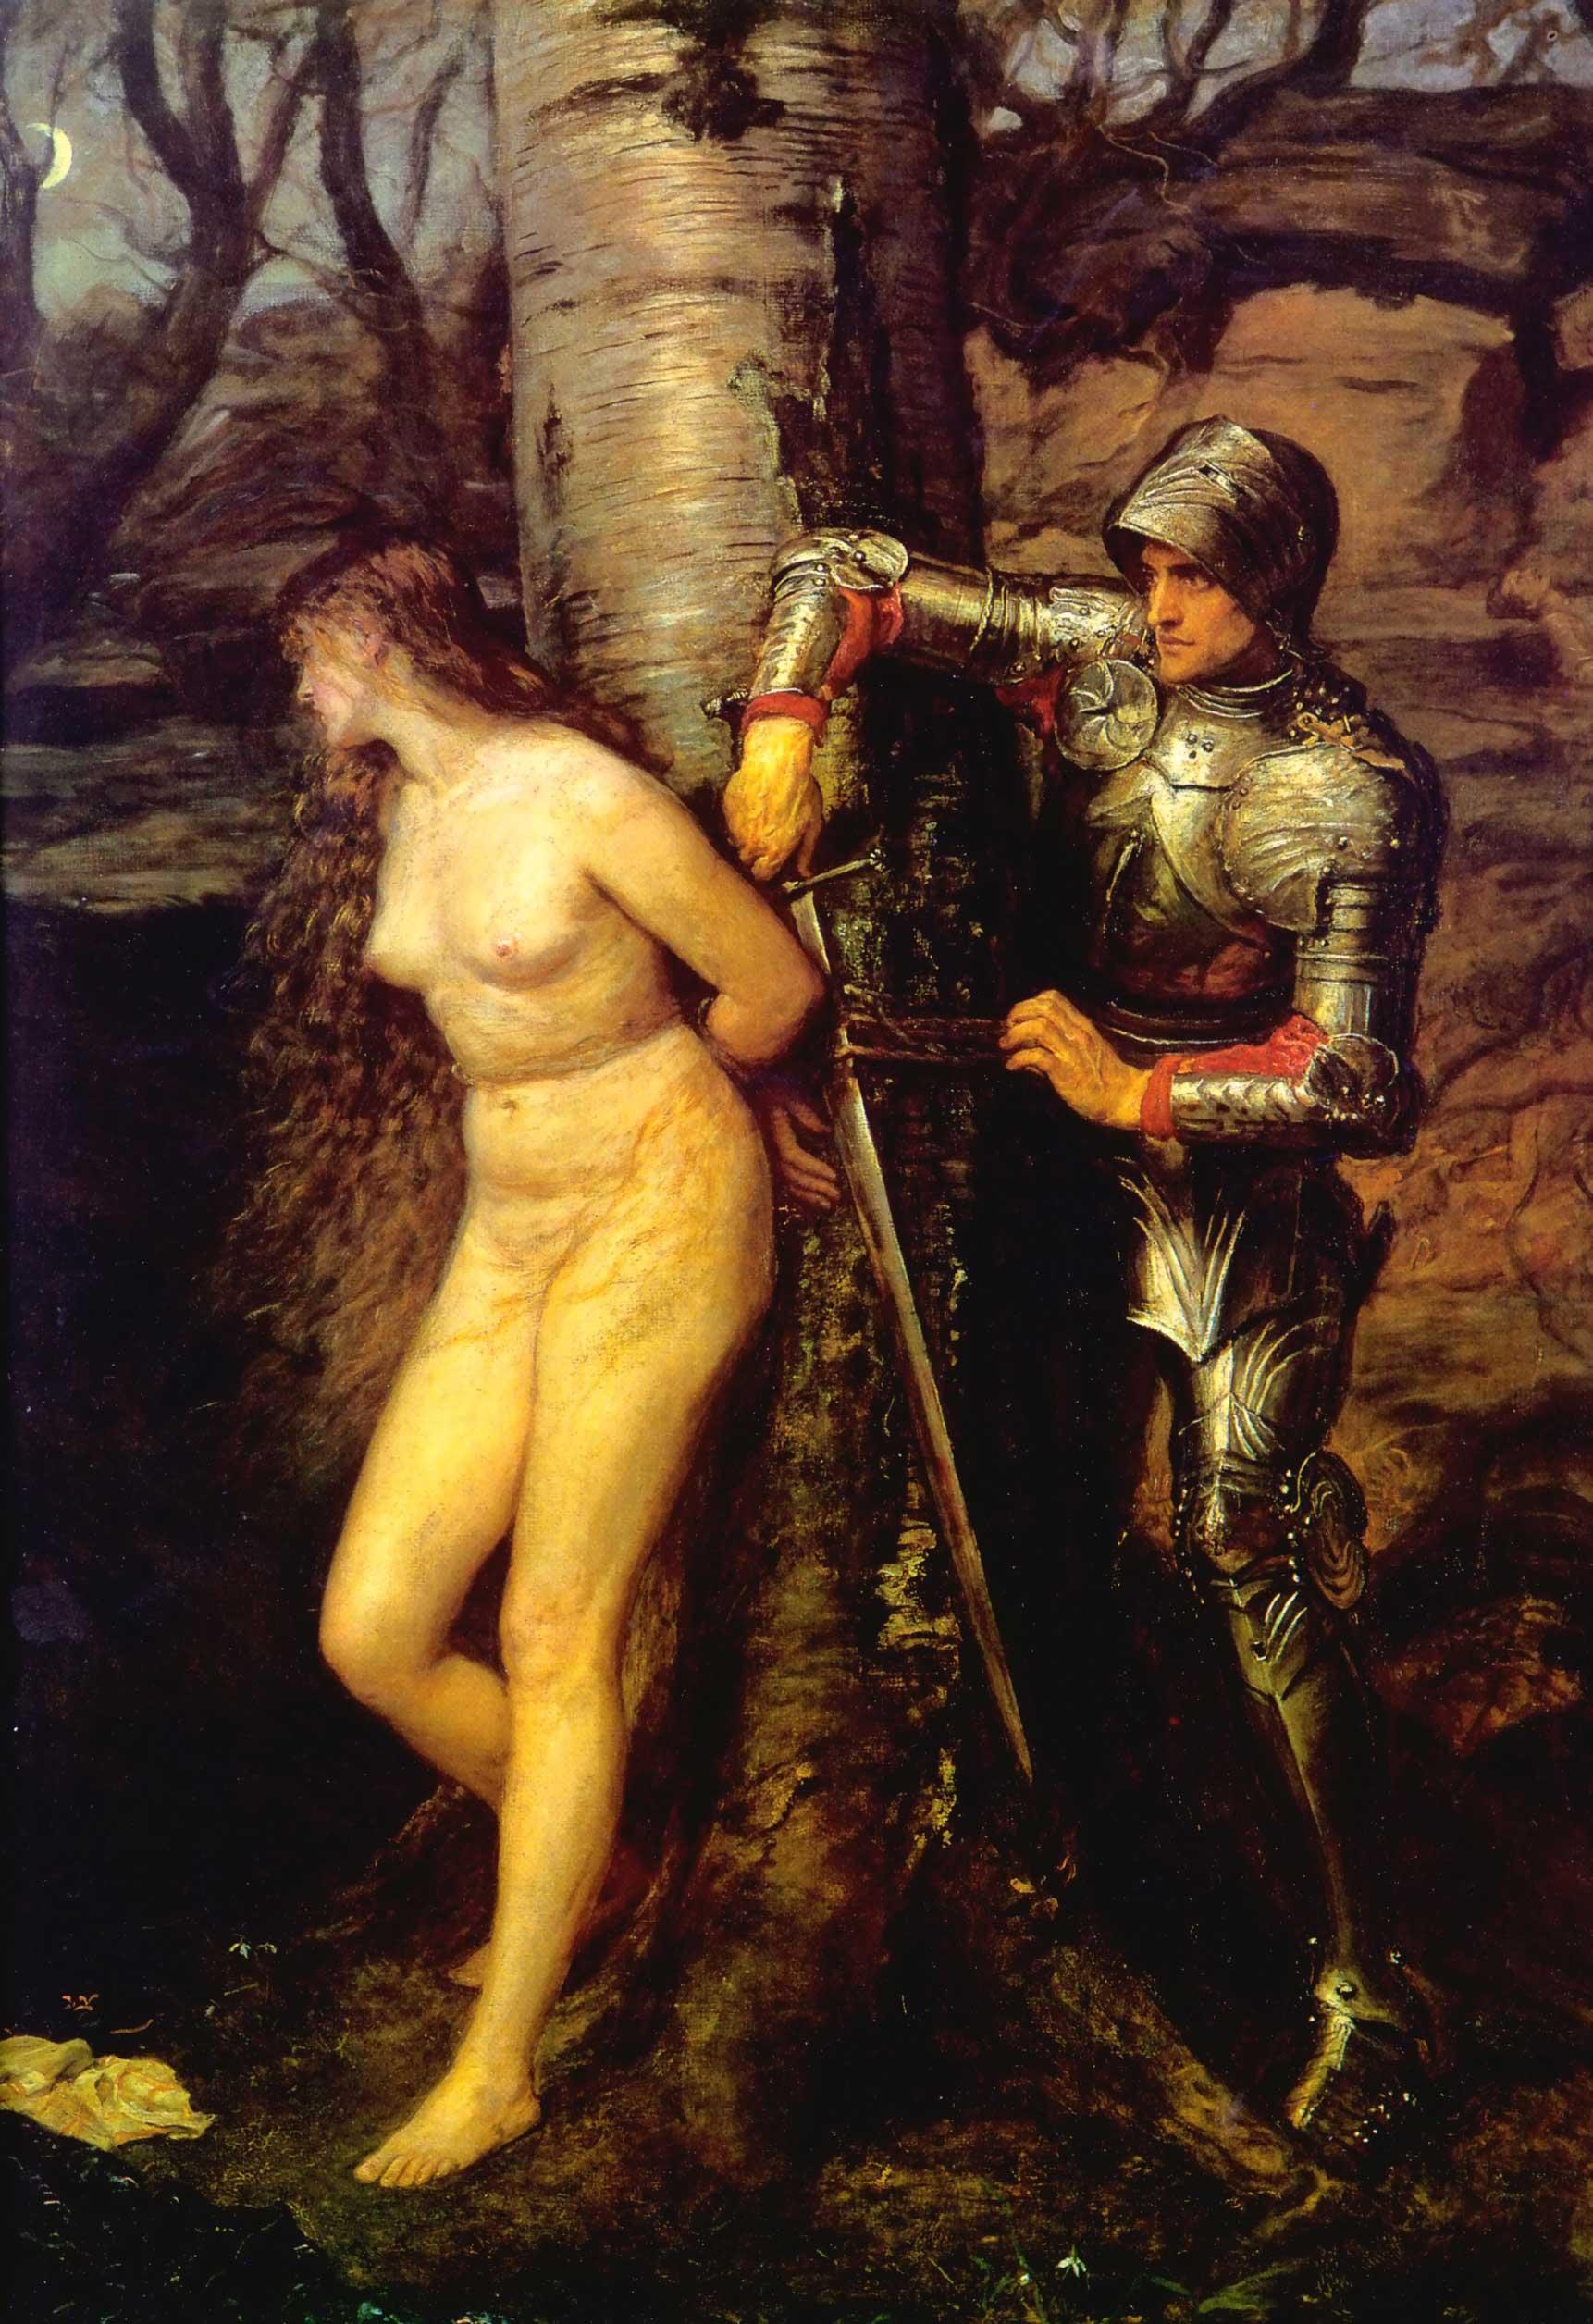 http://uploads8.wikipaintings.org/images/john-everett-millais/the-knight-errant.jpg